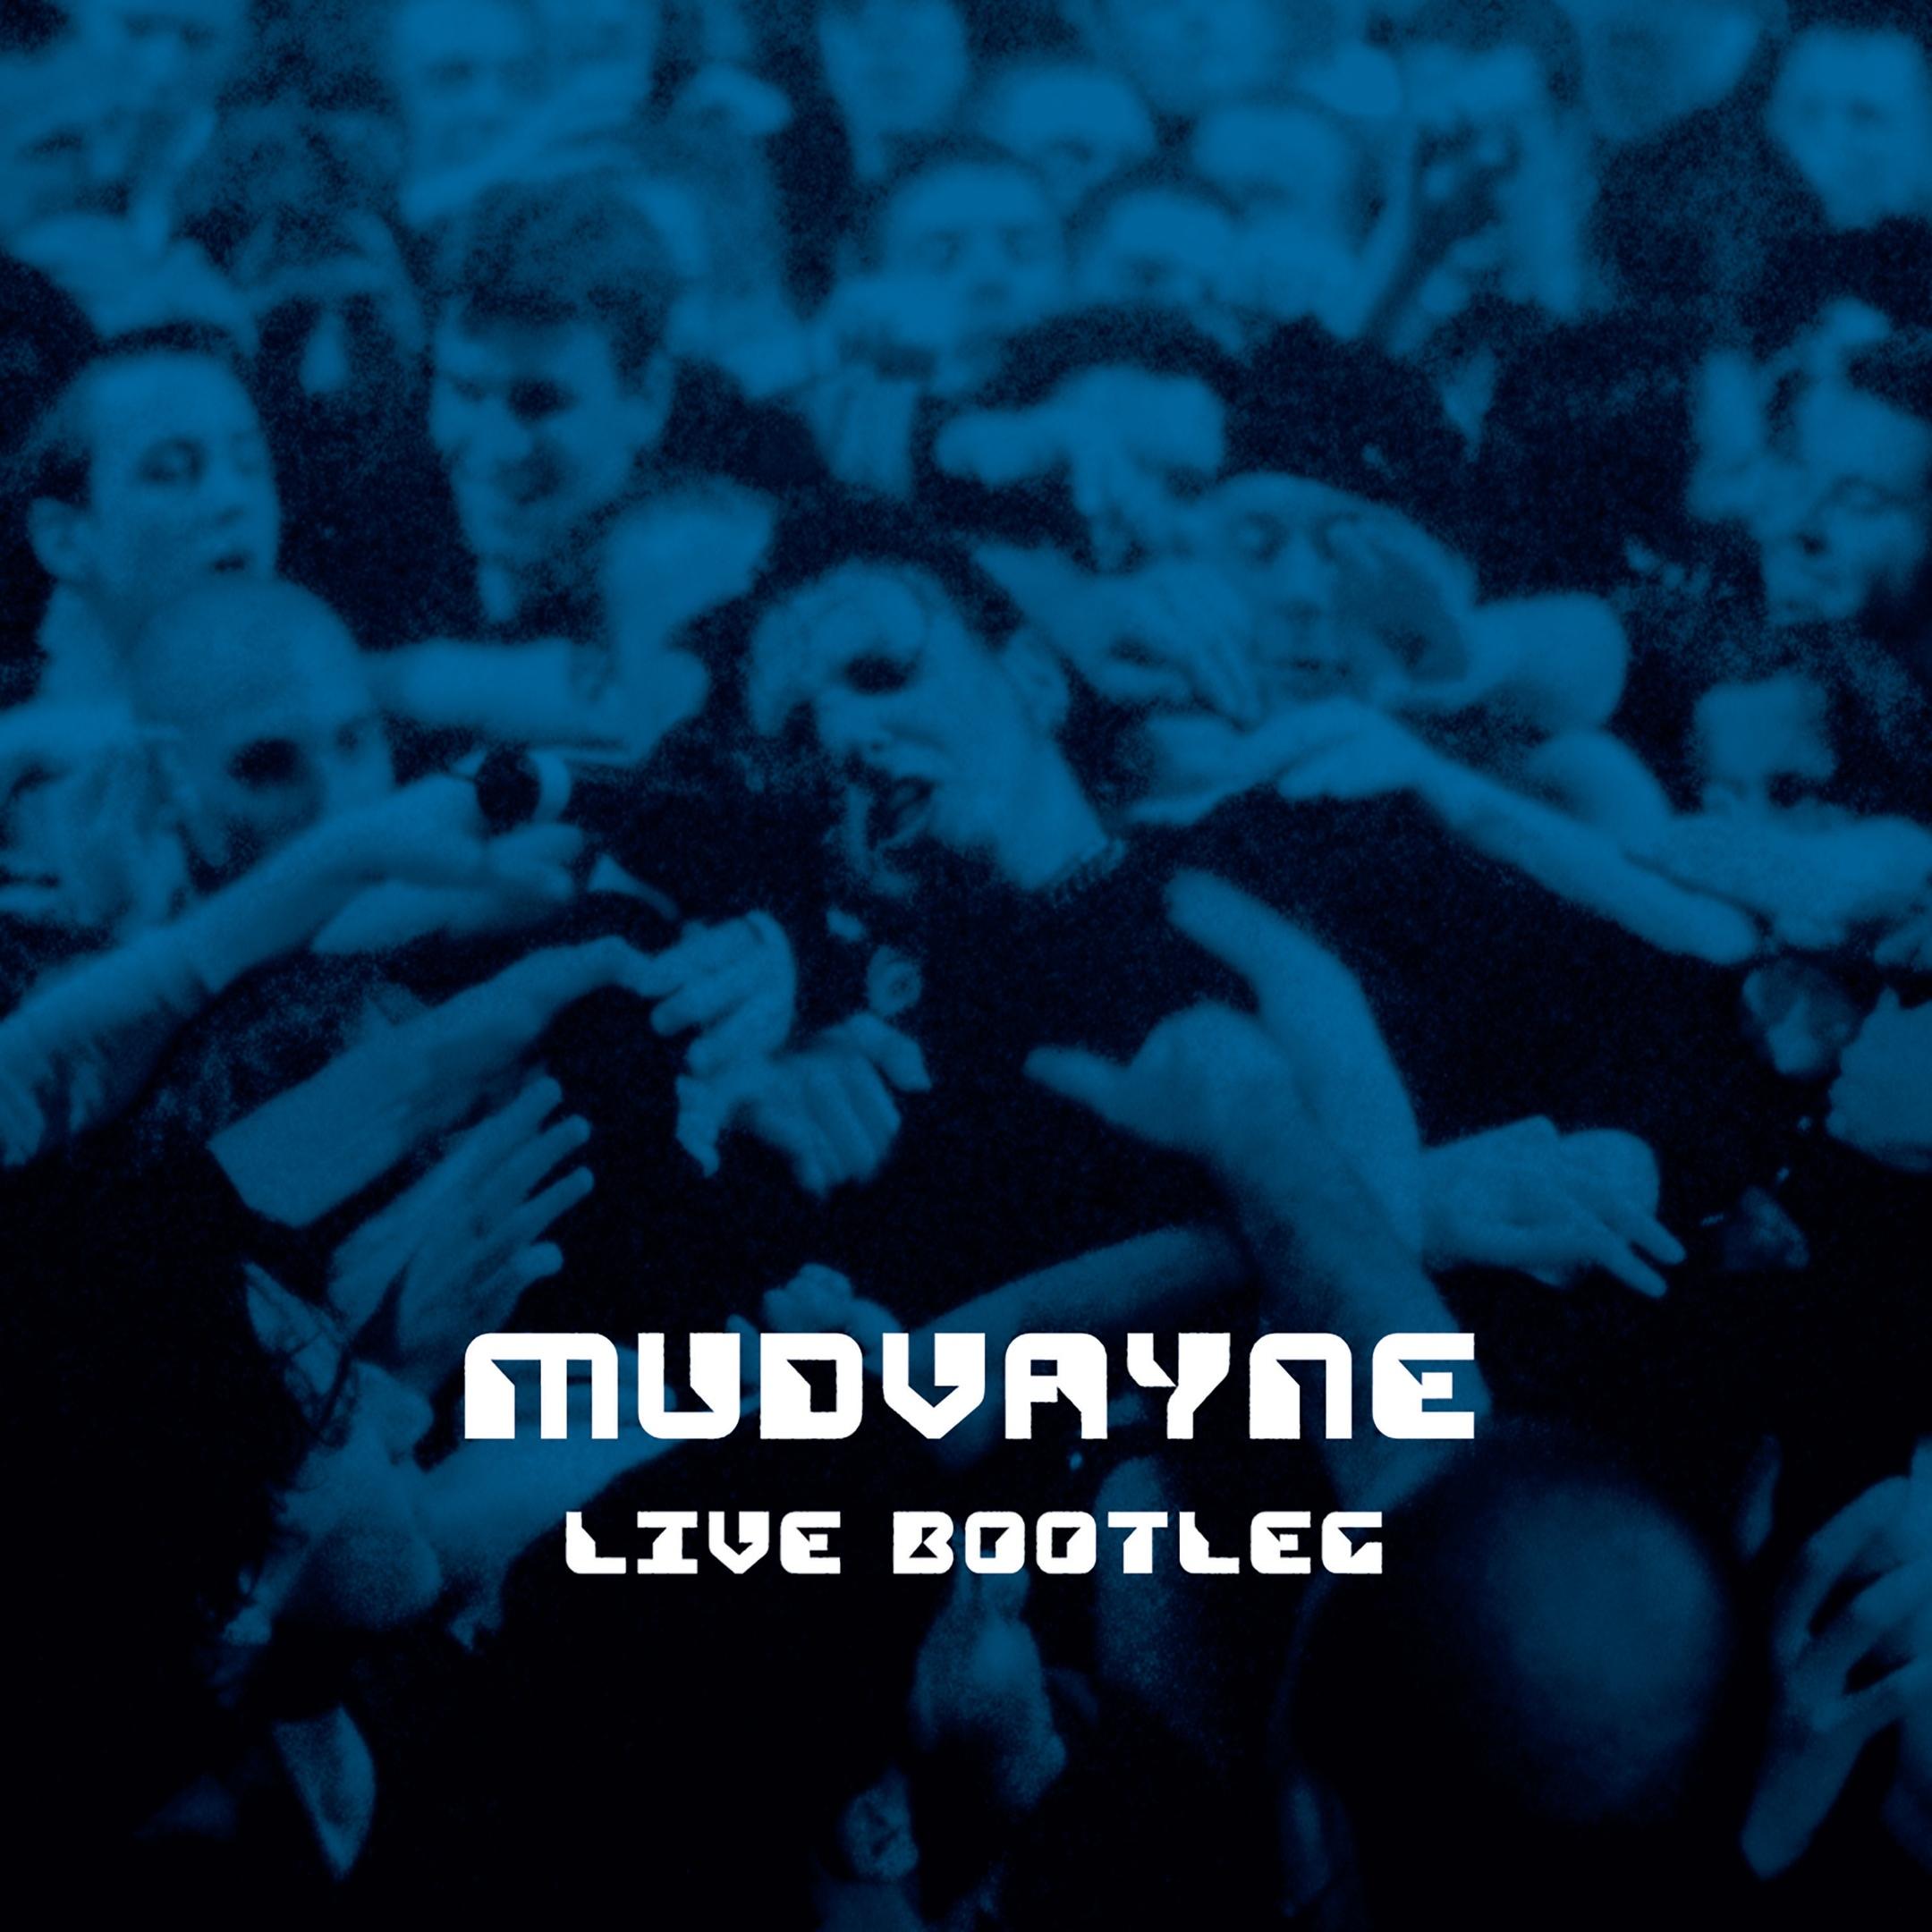 Mudvayne album Live Bootleg